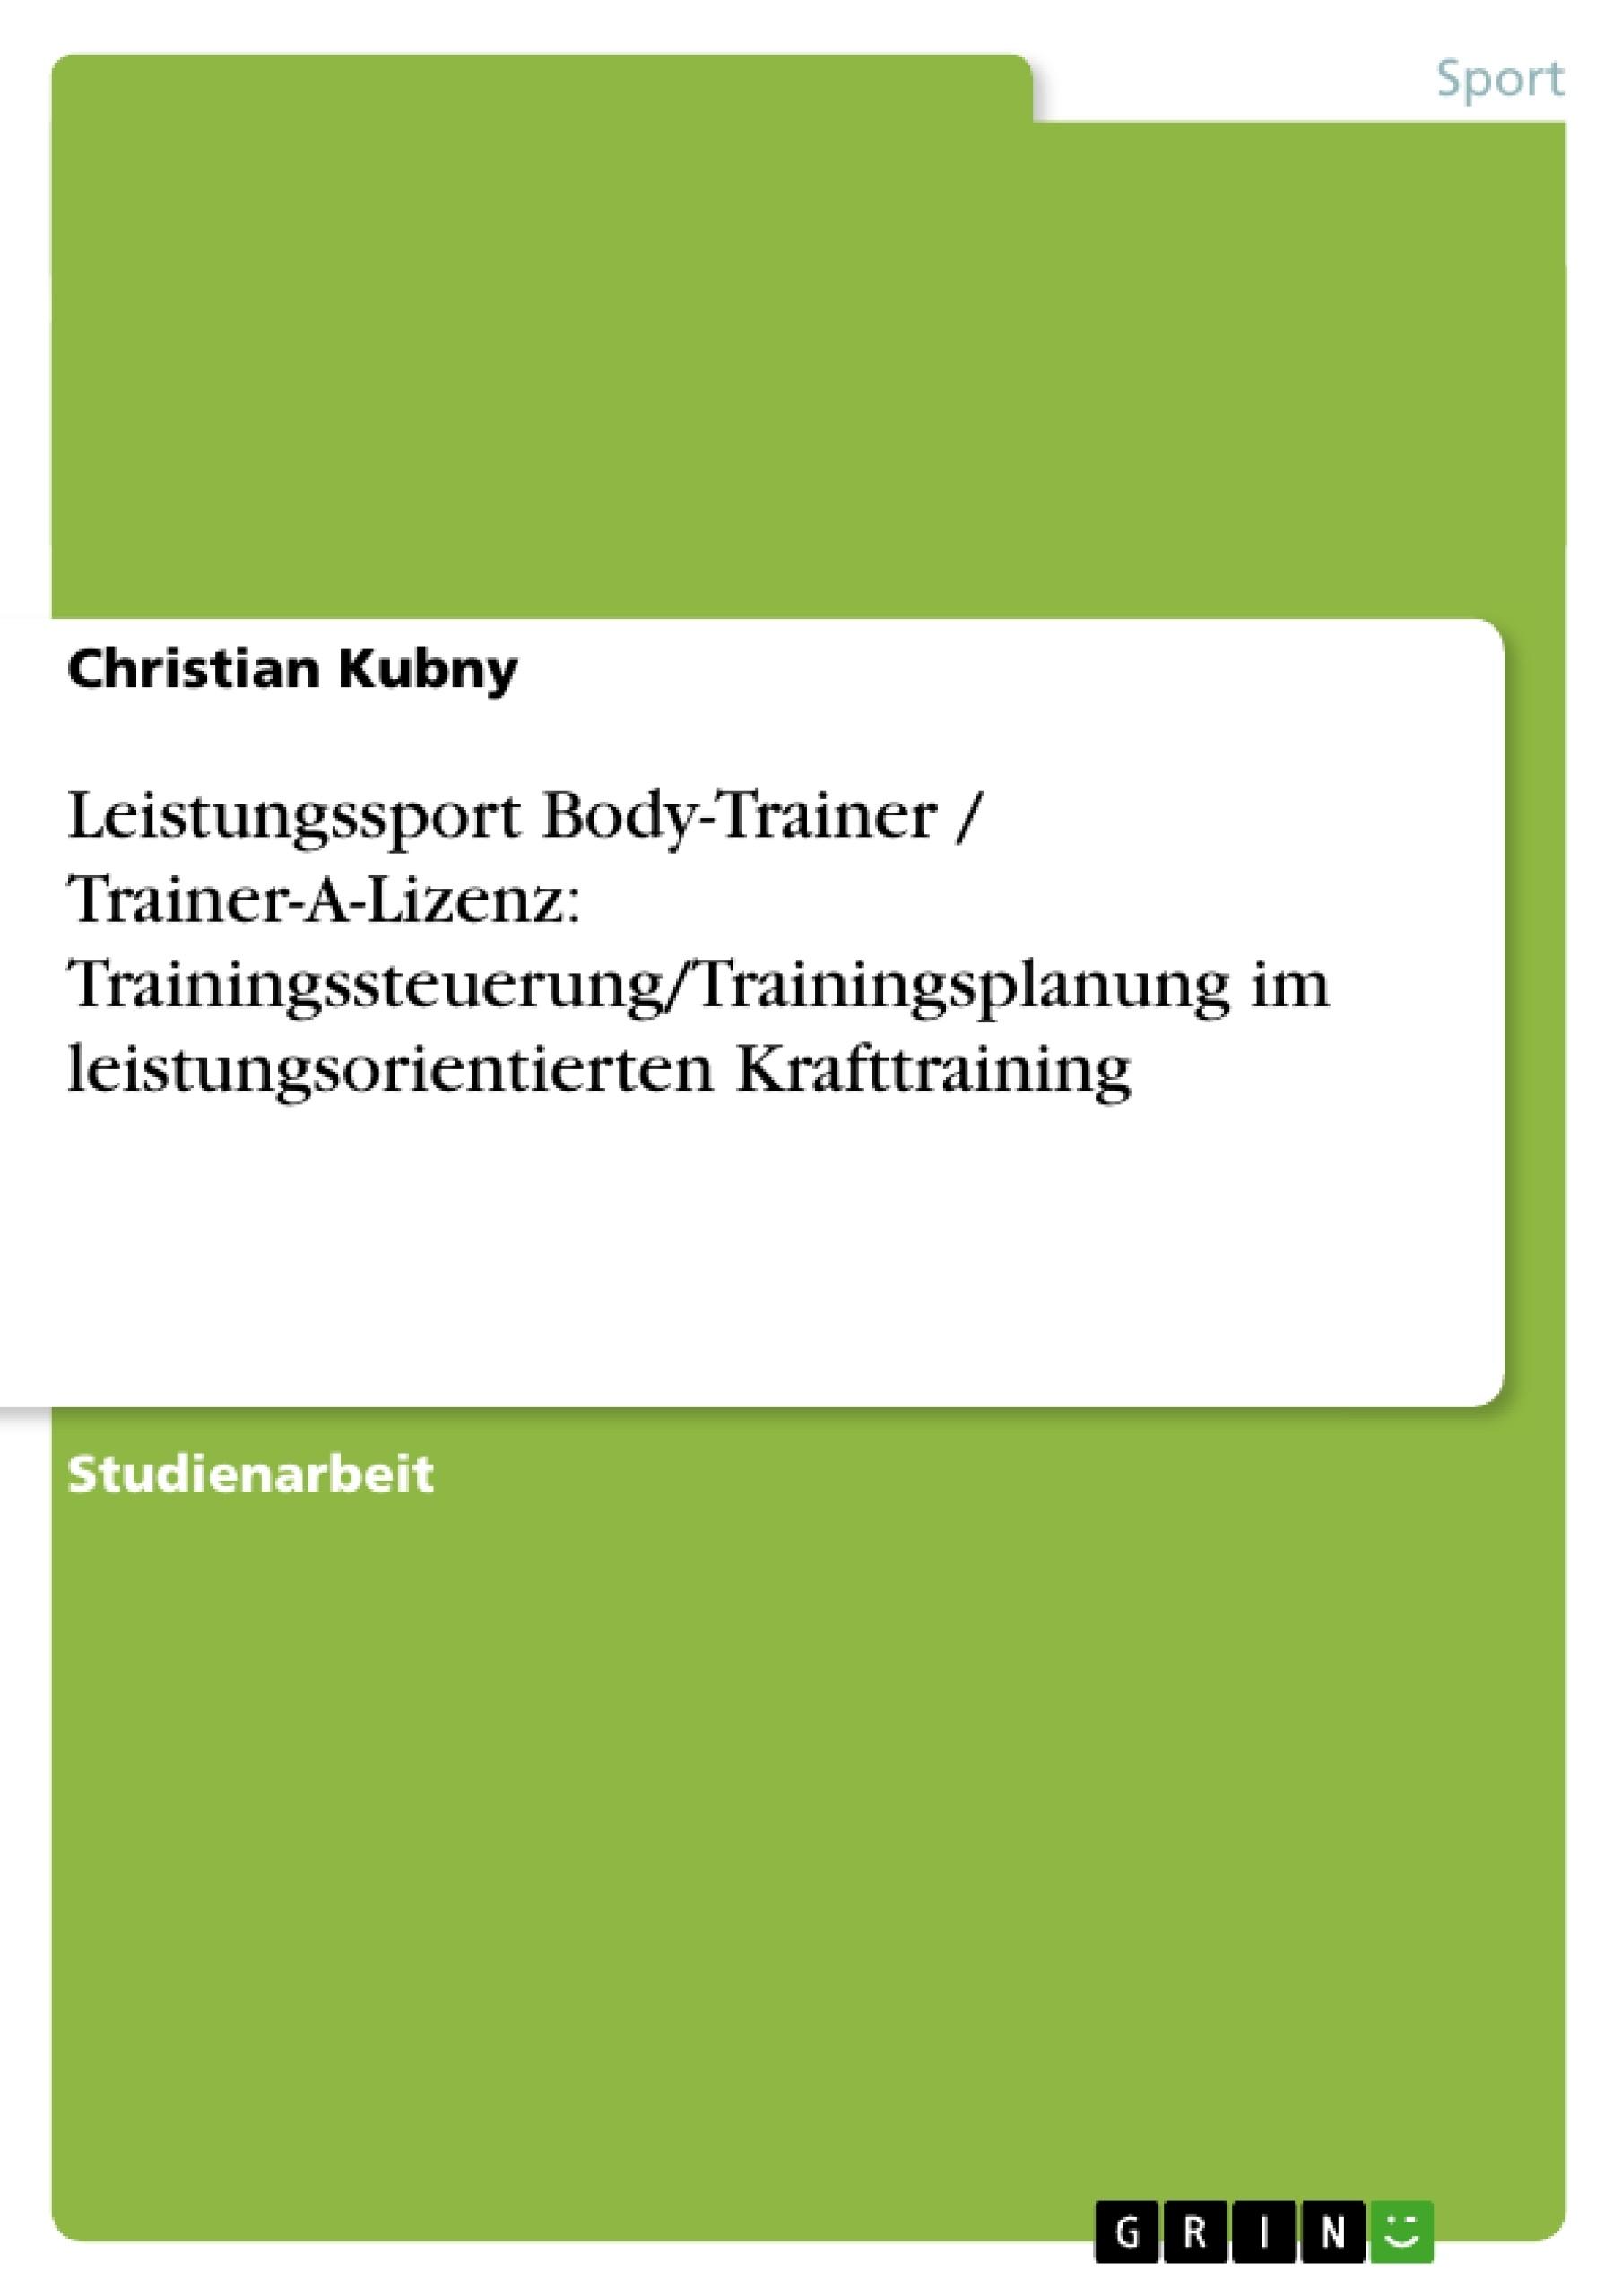 Titel: Leistungssport Body-Trainer / Trainer-A-Lizenz: Trainingssteuerung/Trainingsplanung im leistungsorientierten Krafttraining